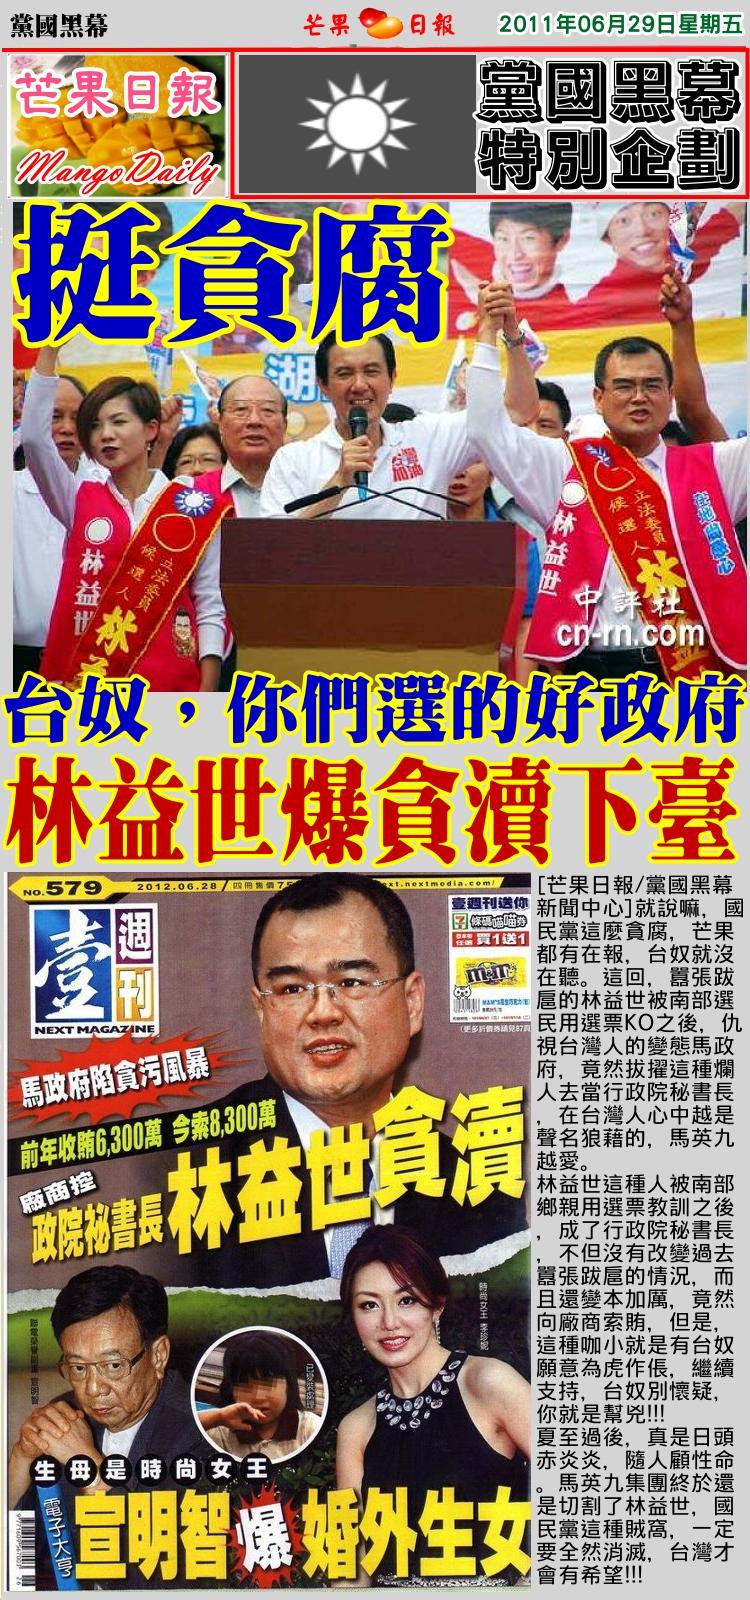 120629芒果日報--黨國黑幕-林益世索賄上億,馬英九斷尾求生